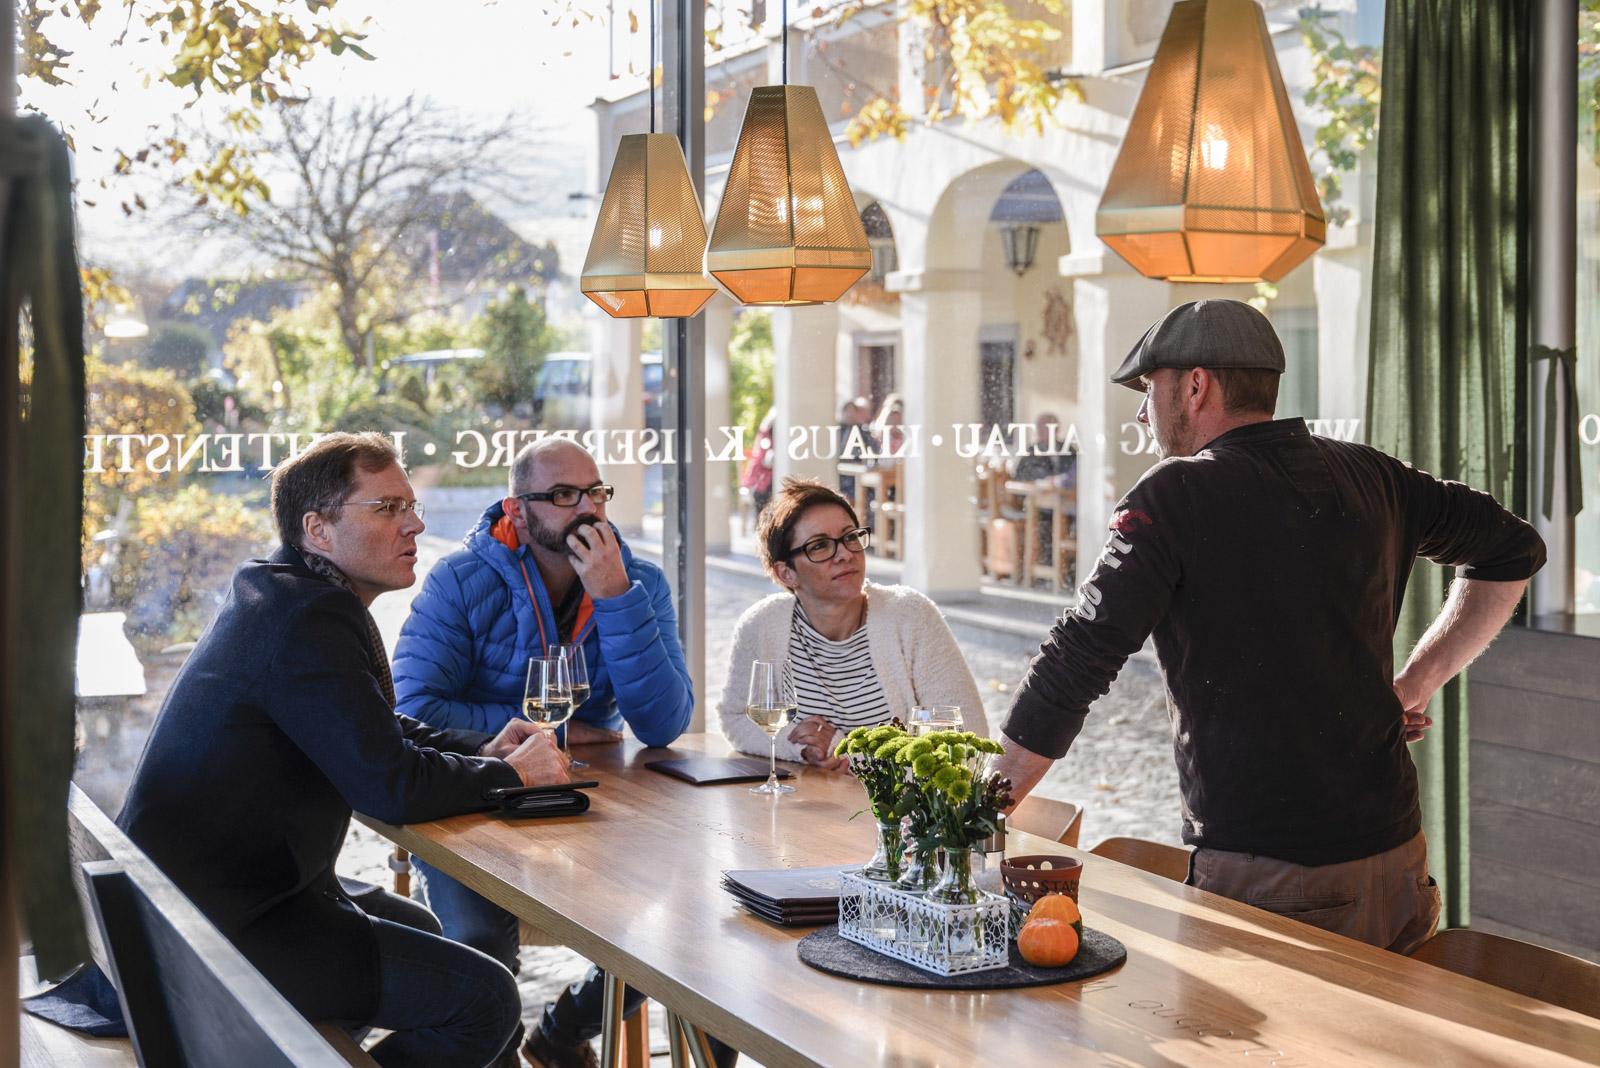 Markus Spitzbart, Andreas & Alexandra Hiss bei Alexander Mang im Weingut Mang in Weissenkirchen/Wachau.